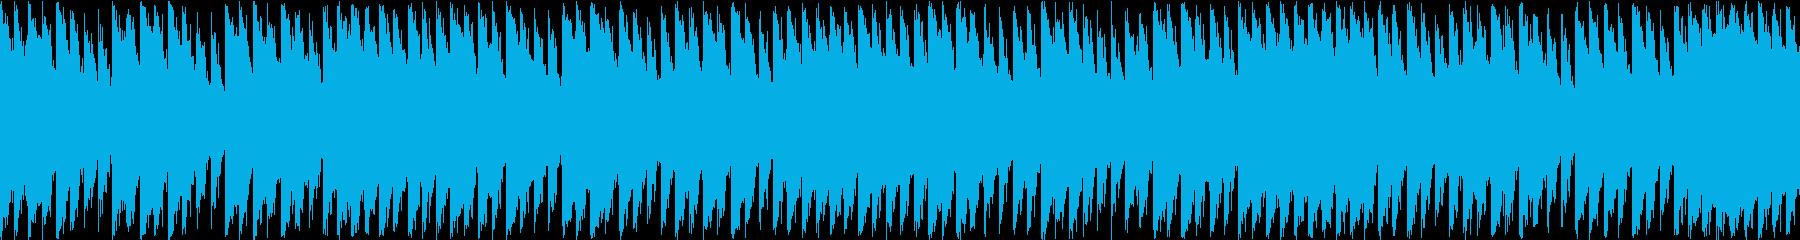 怒悲冷酷な旋律のループシンセピアノダンスの再生済みの波形